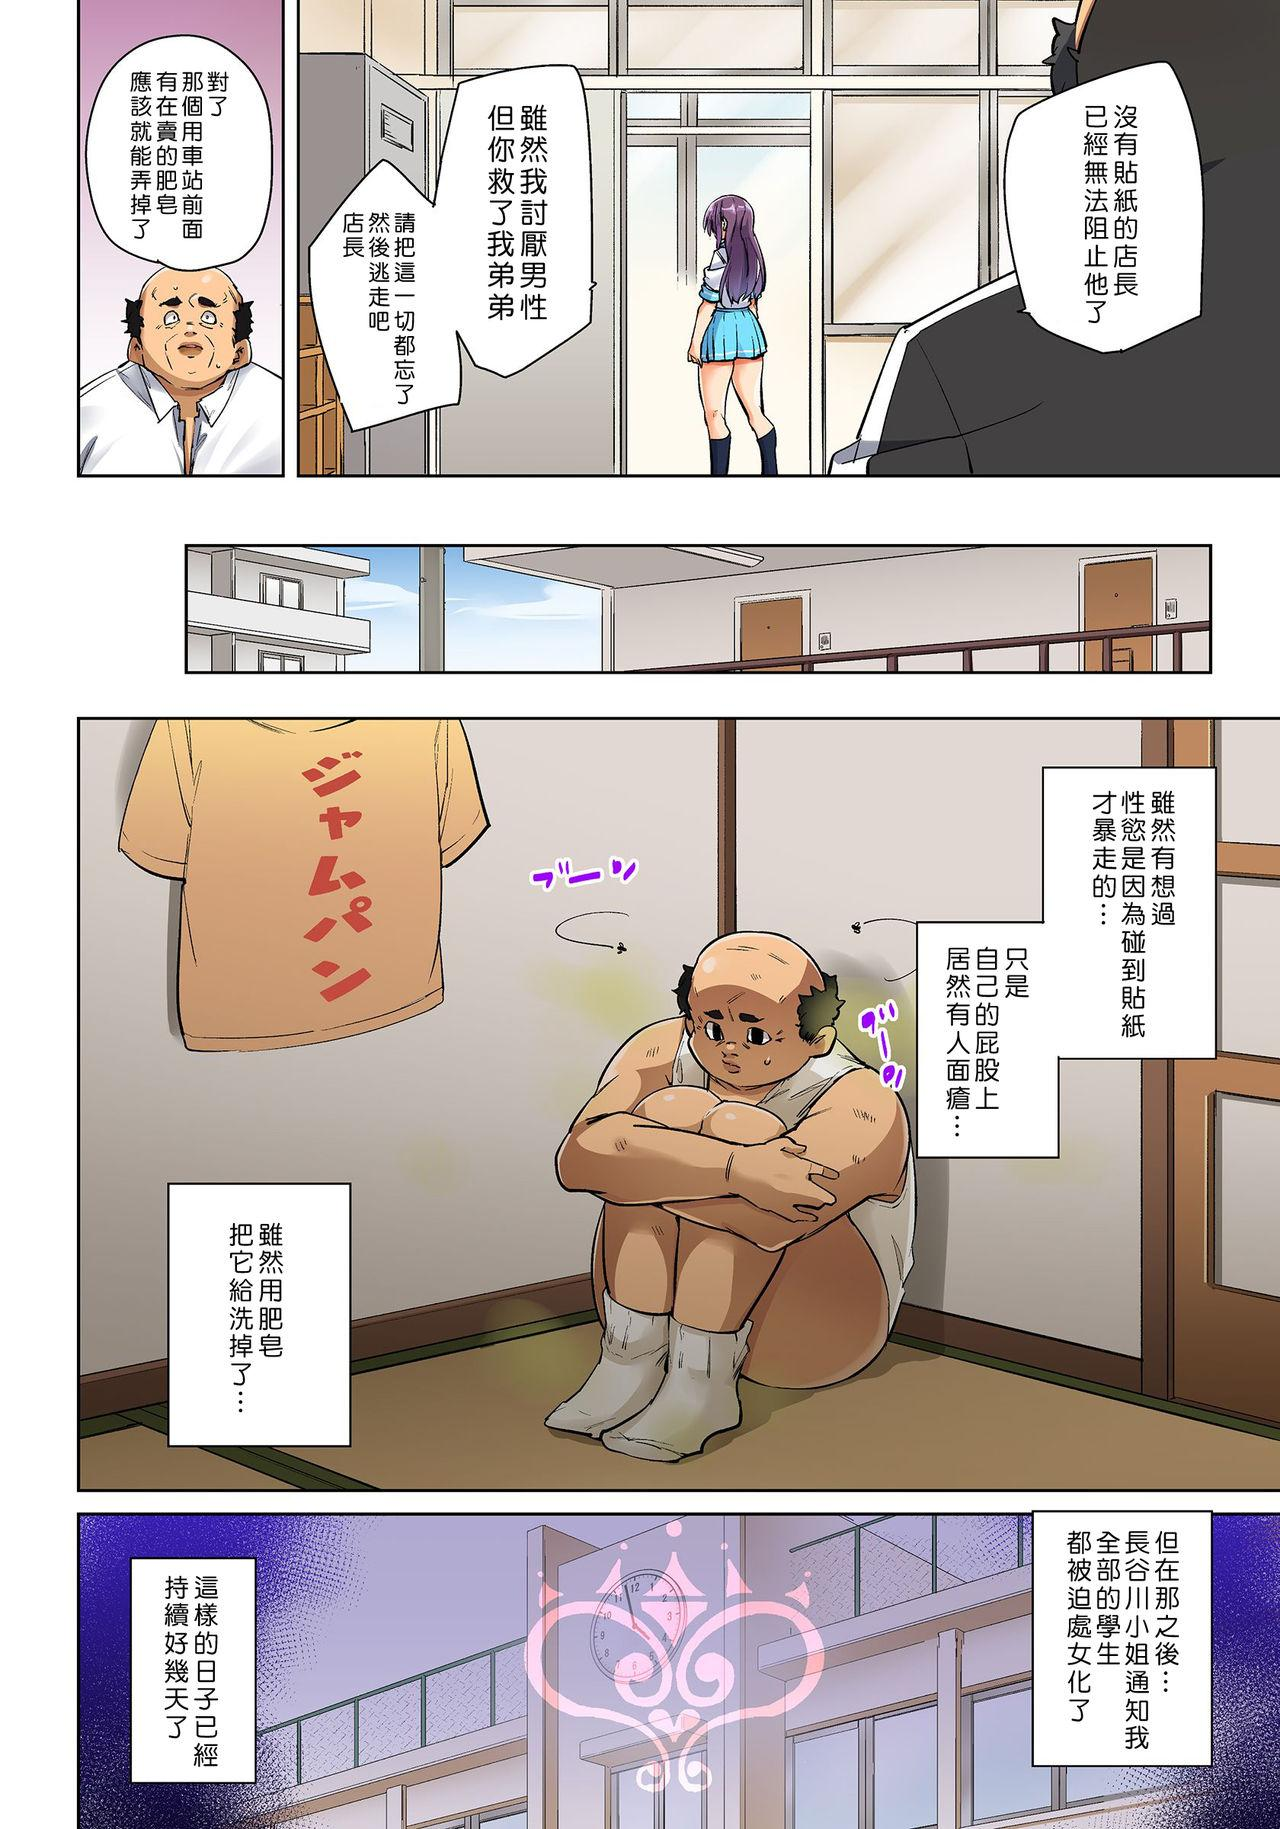 [Marui Maru] Hattara Yarechau!? Ero Seal ~Wagamama JK no Asoko o Tatta 1-mai de Dorei ni~ 1-20 [Chinese] [Den個人漢化] [Digital] 517